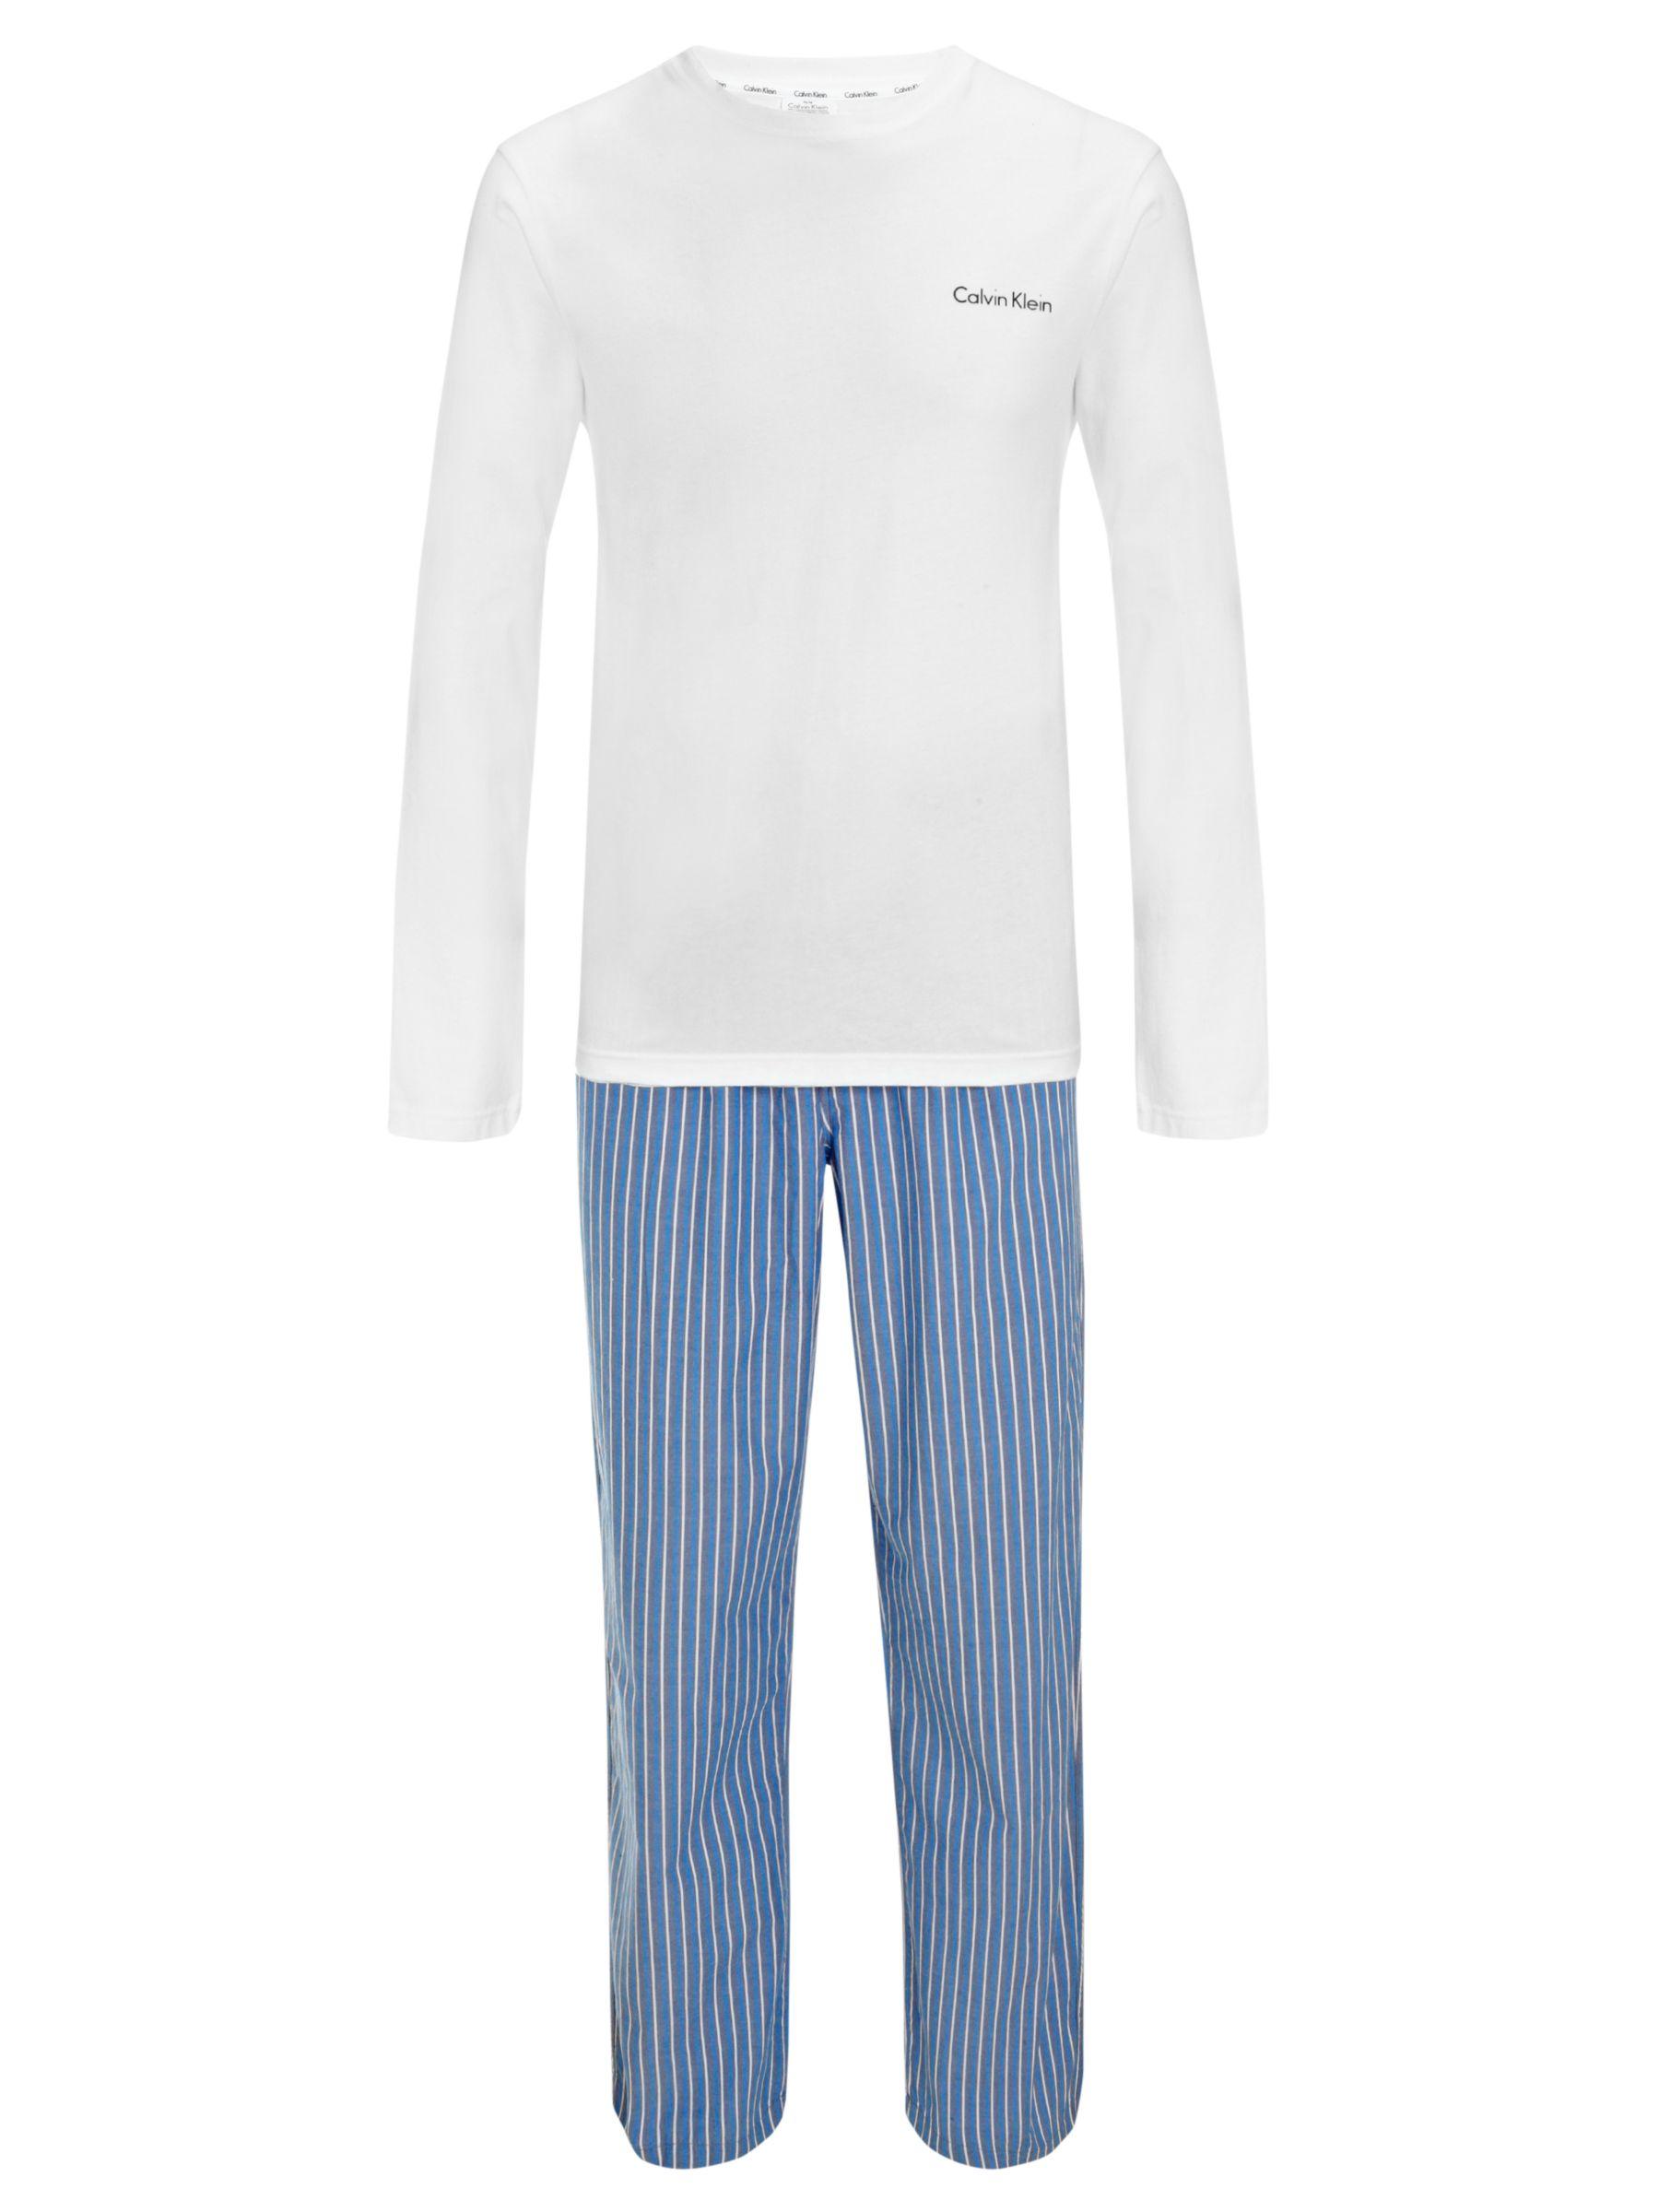 Calvin Klein Holiday Pyjama Set, Blue/White